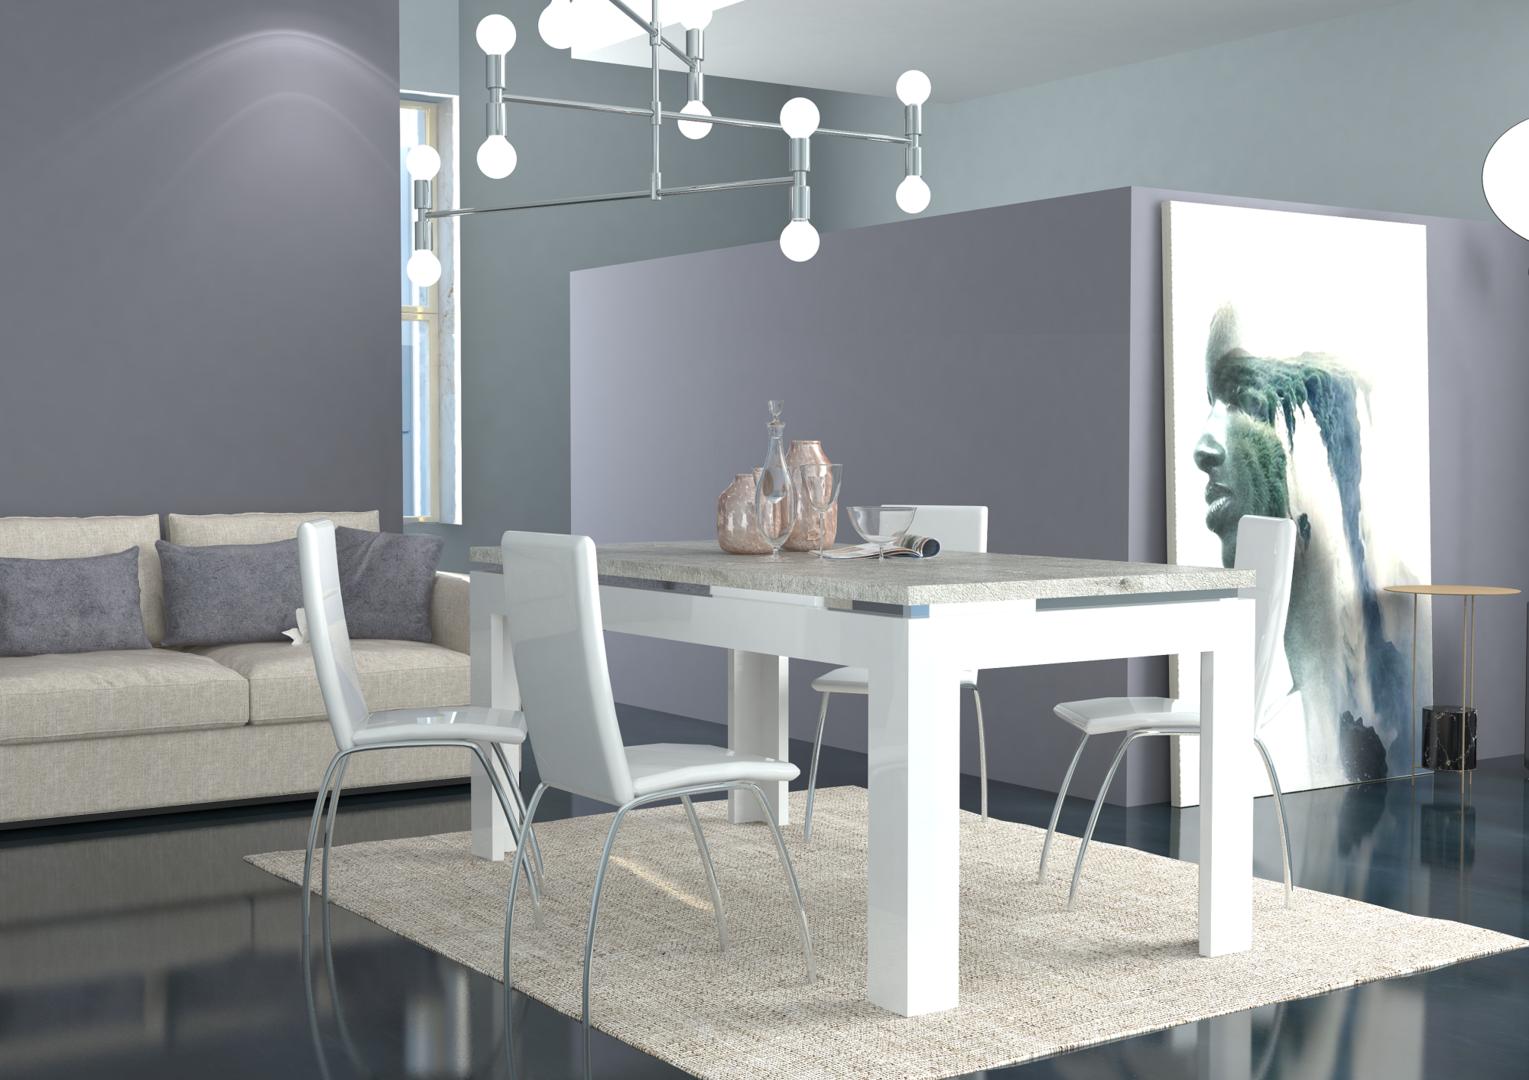 tavolo moderno bianco messico mobile per sala da pranzo